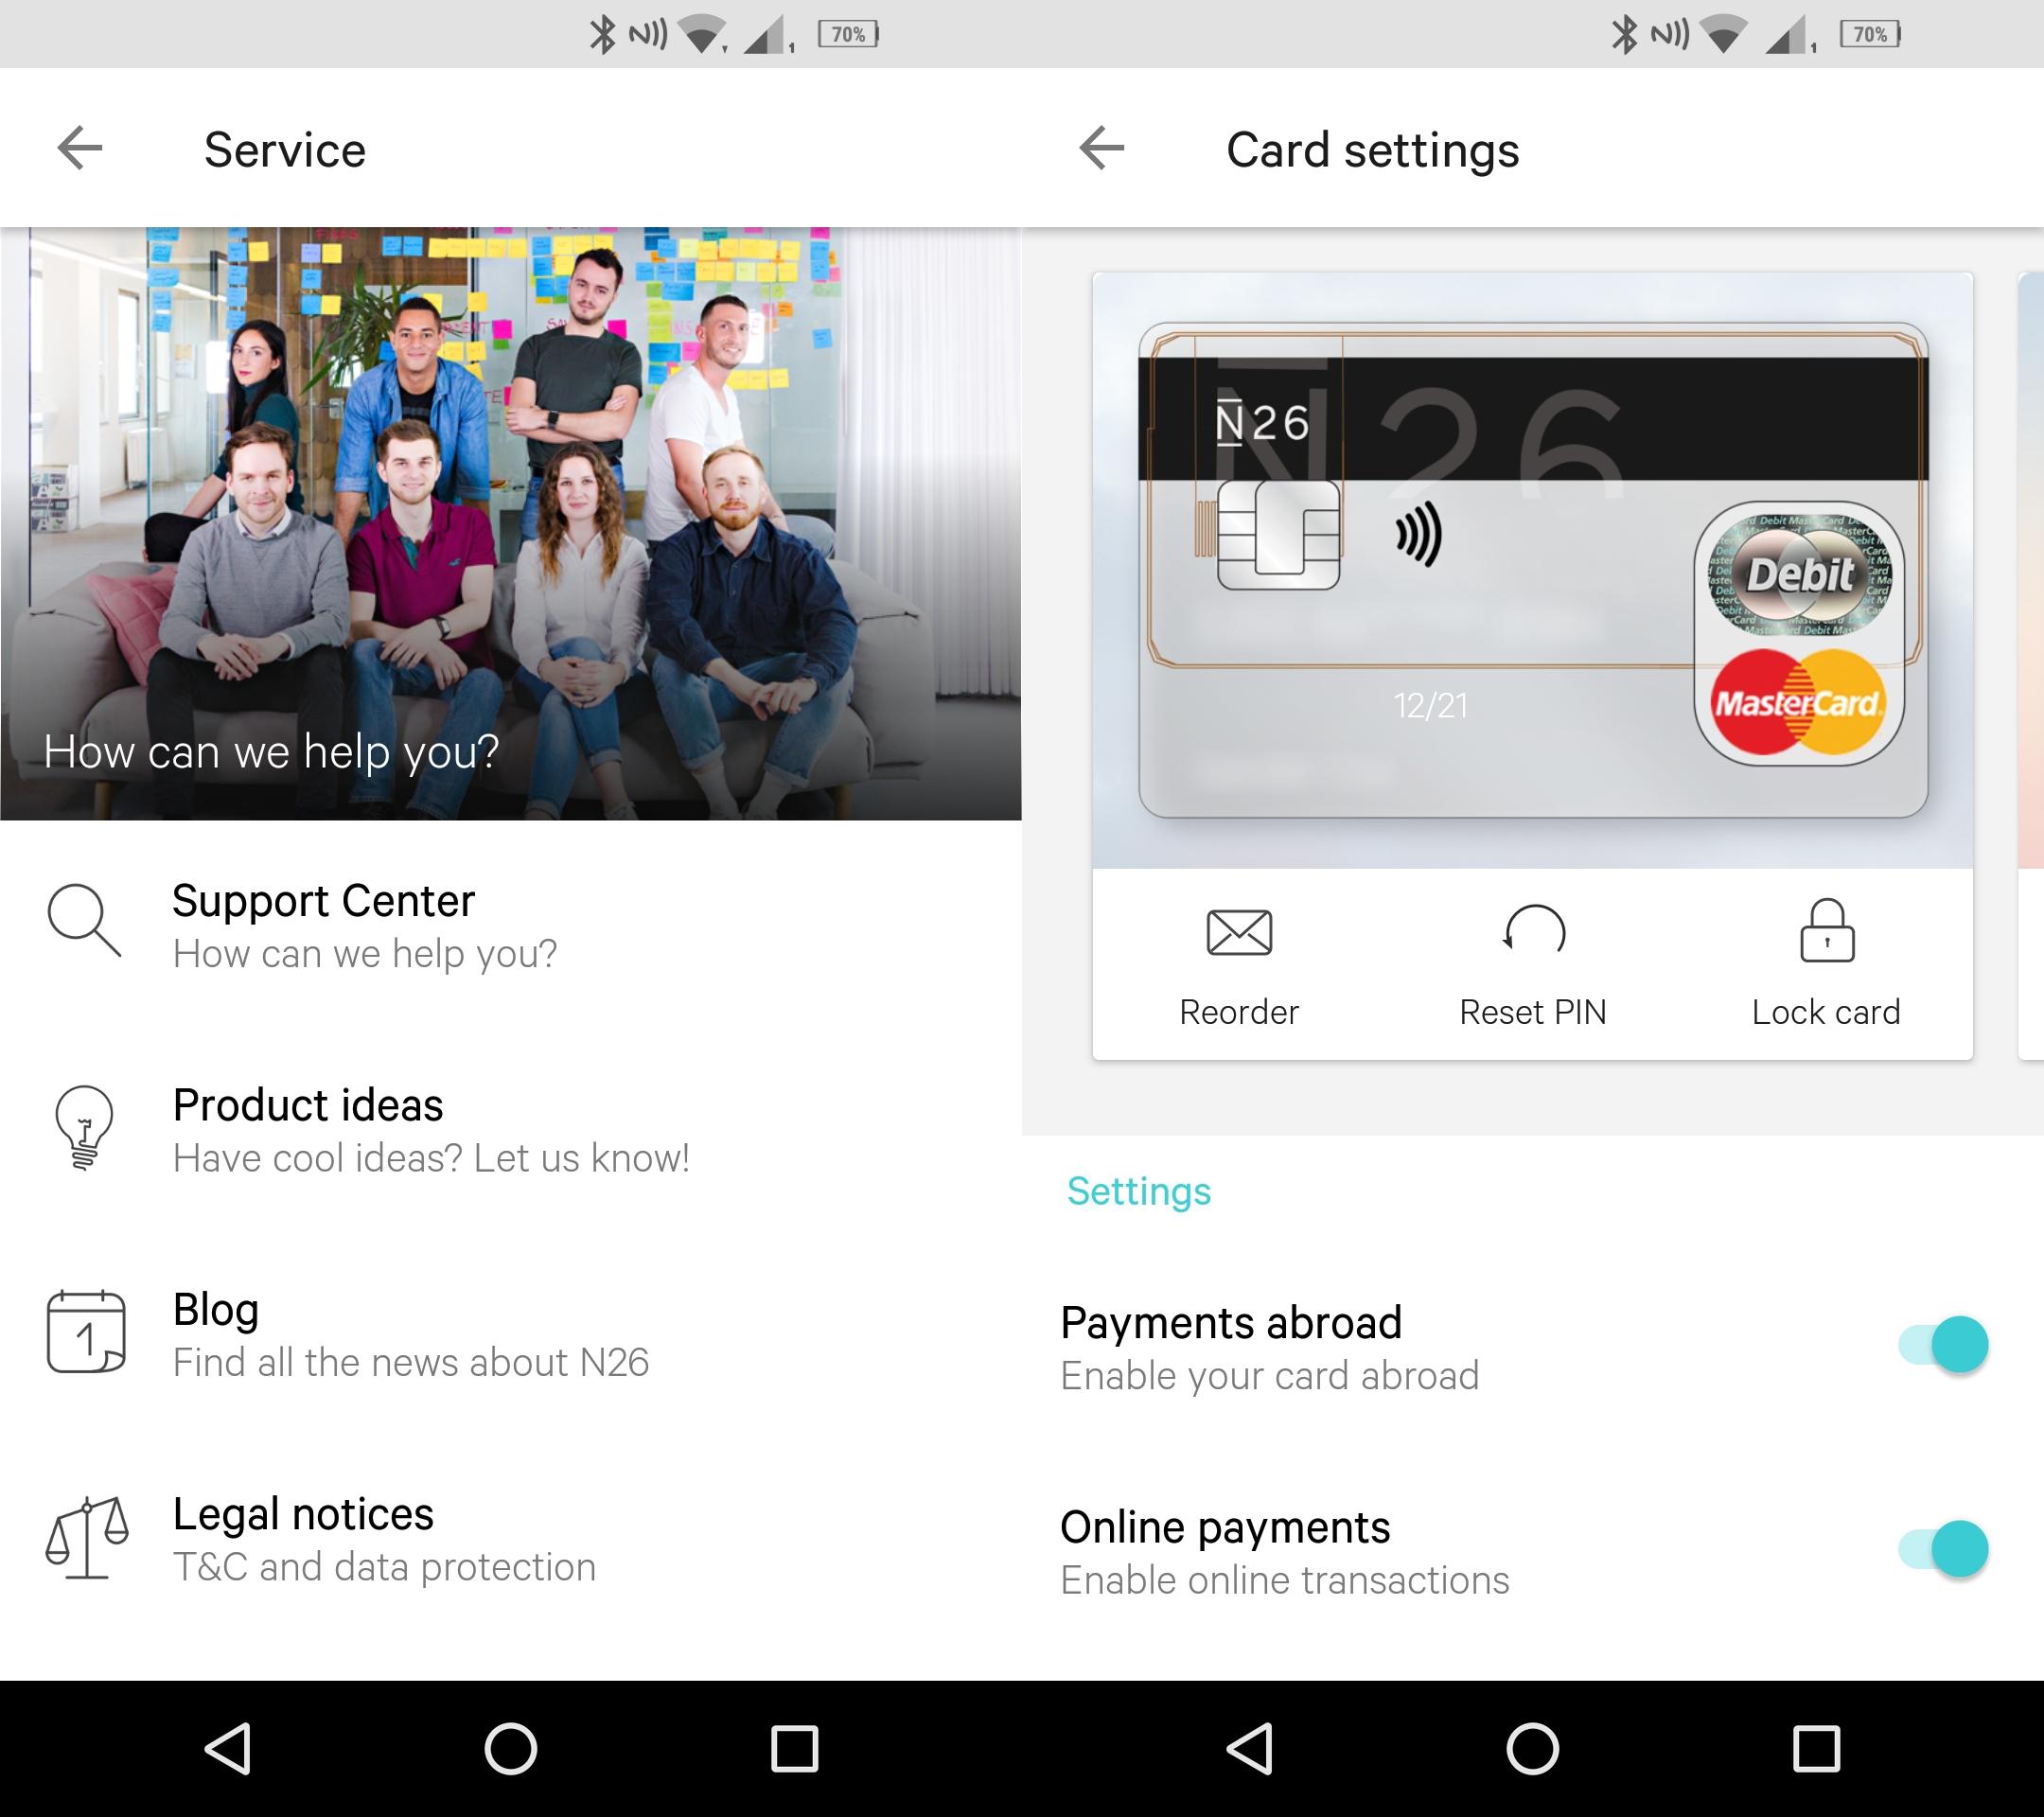 n26-kennisbank-creditcard-settings